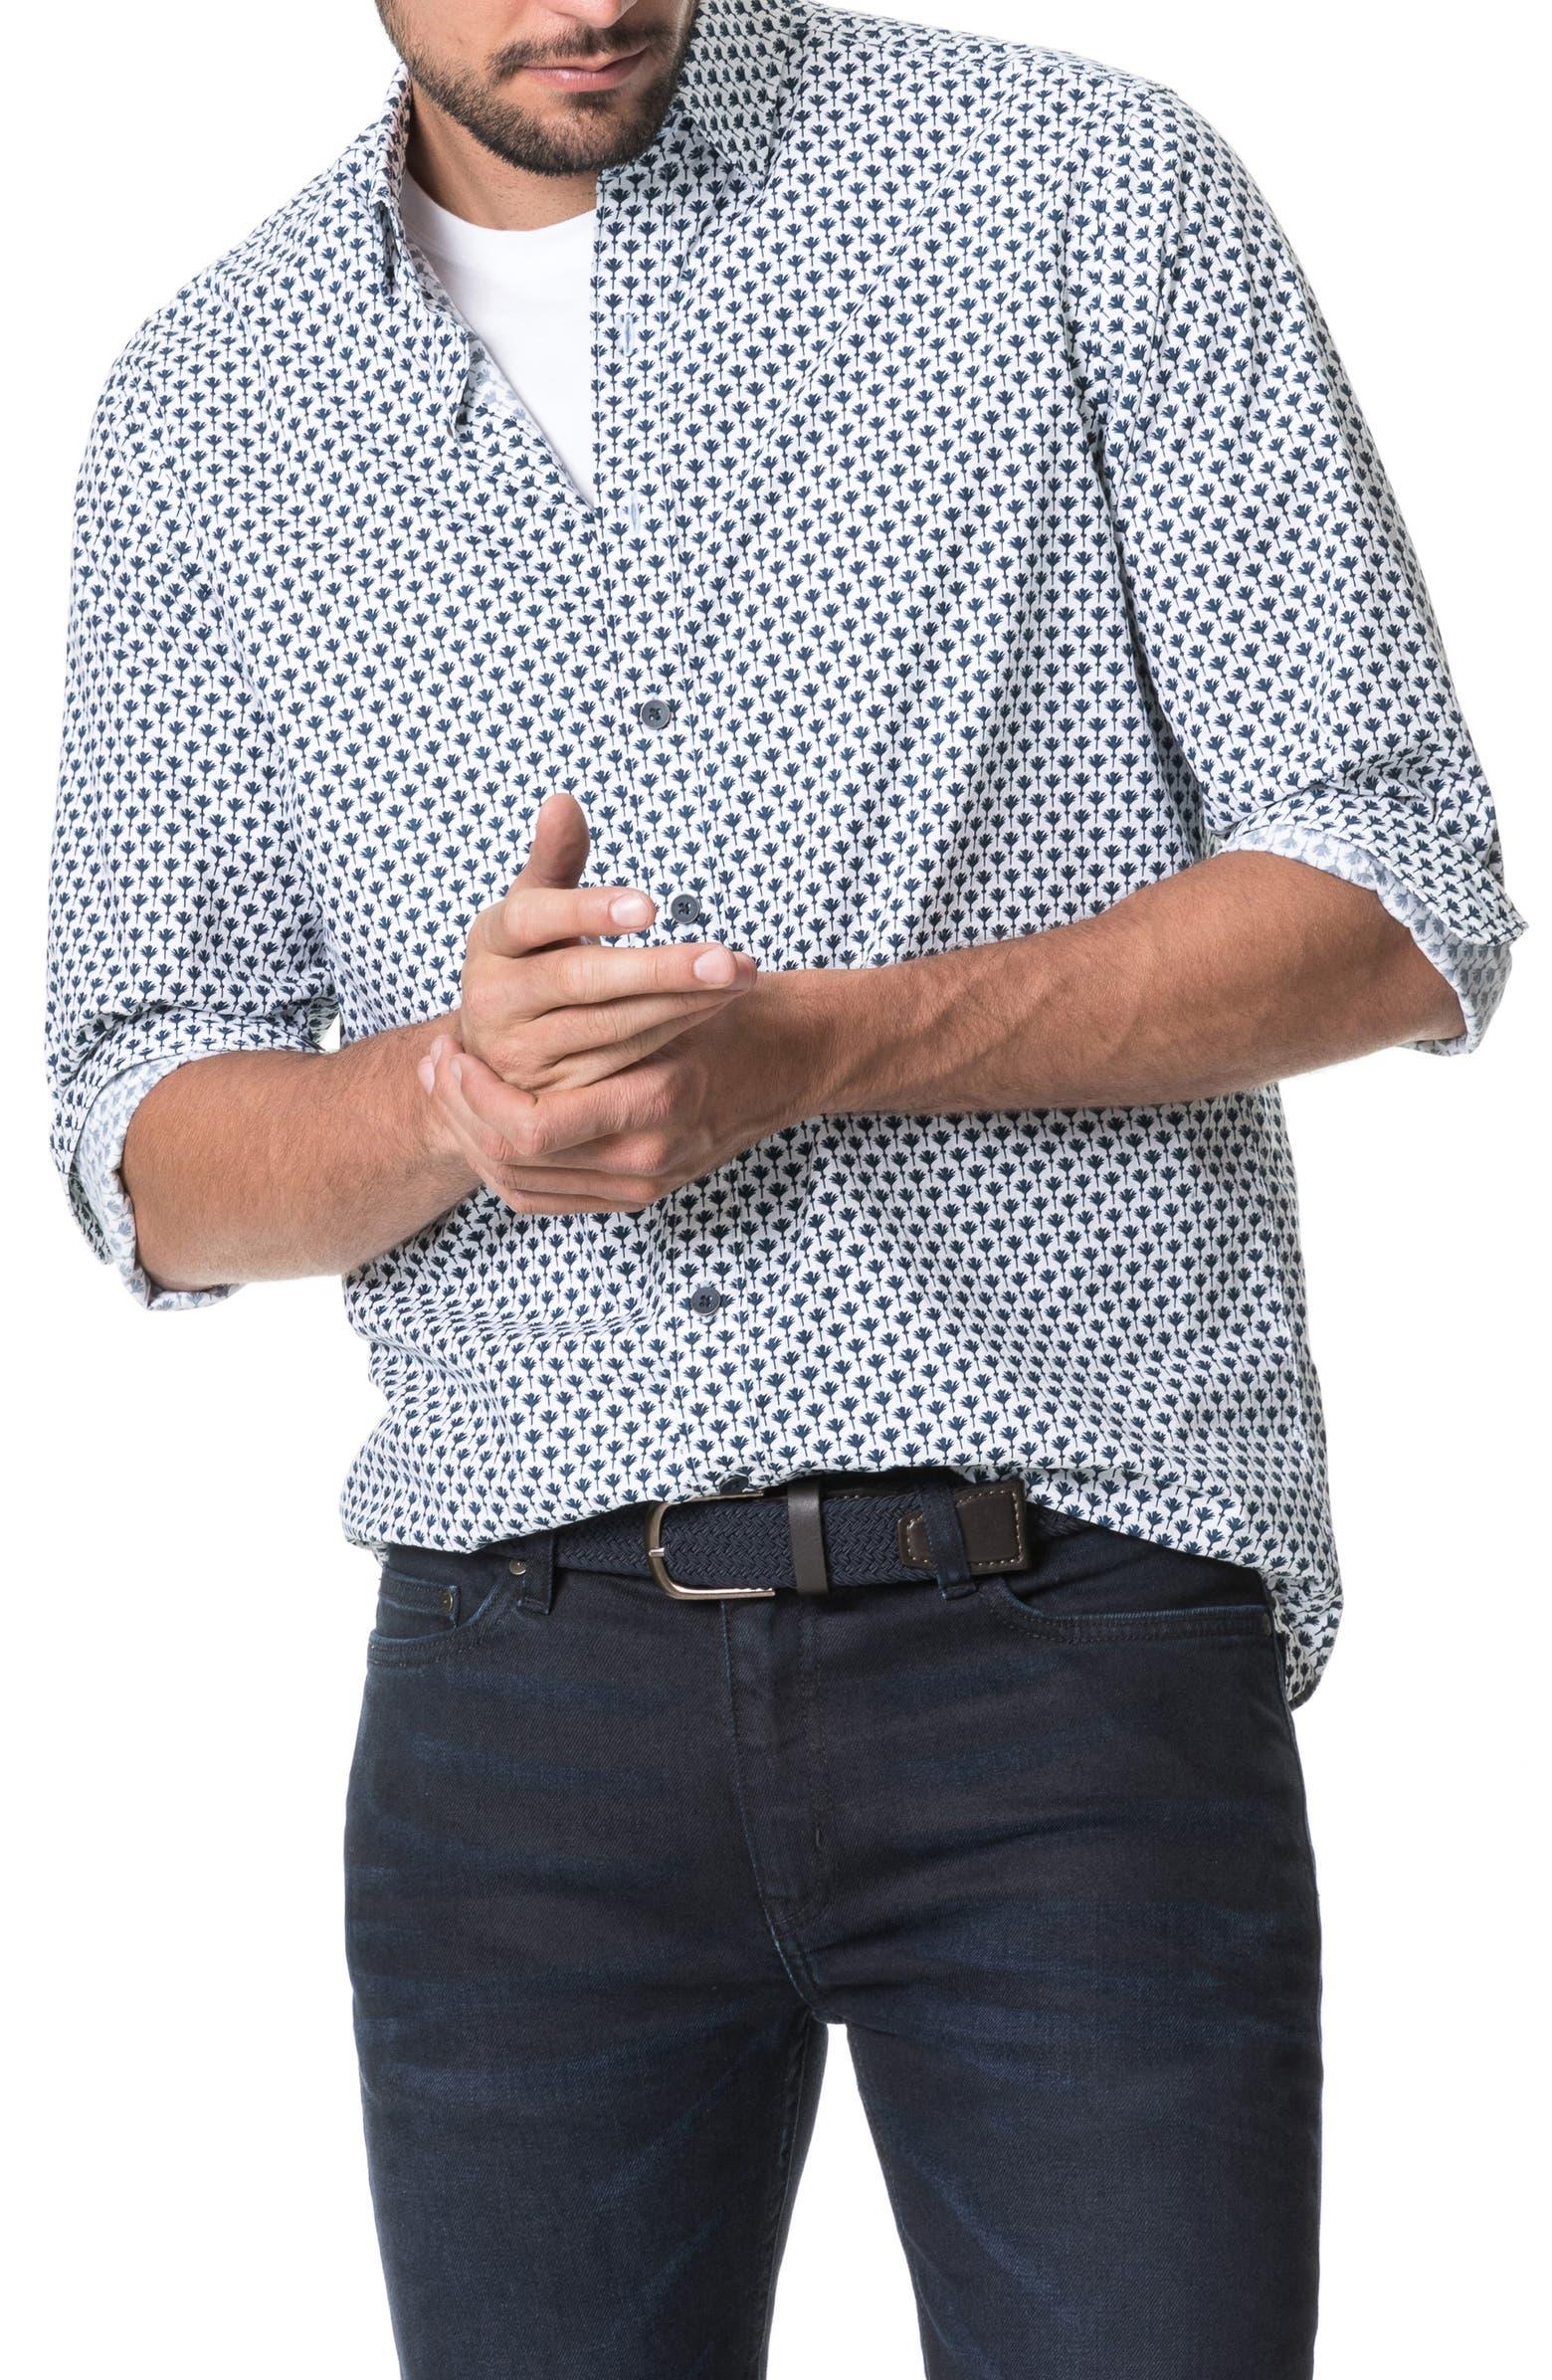 Sorrento Regular Fit Button-Up Shirt RODD & GUNN